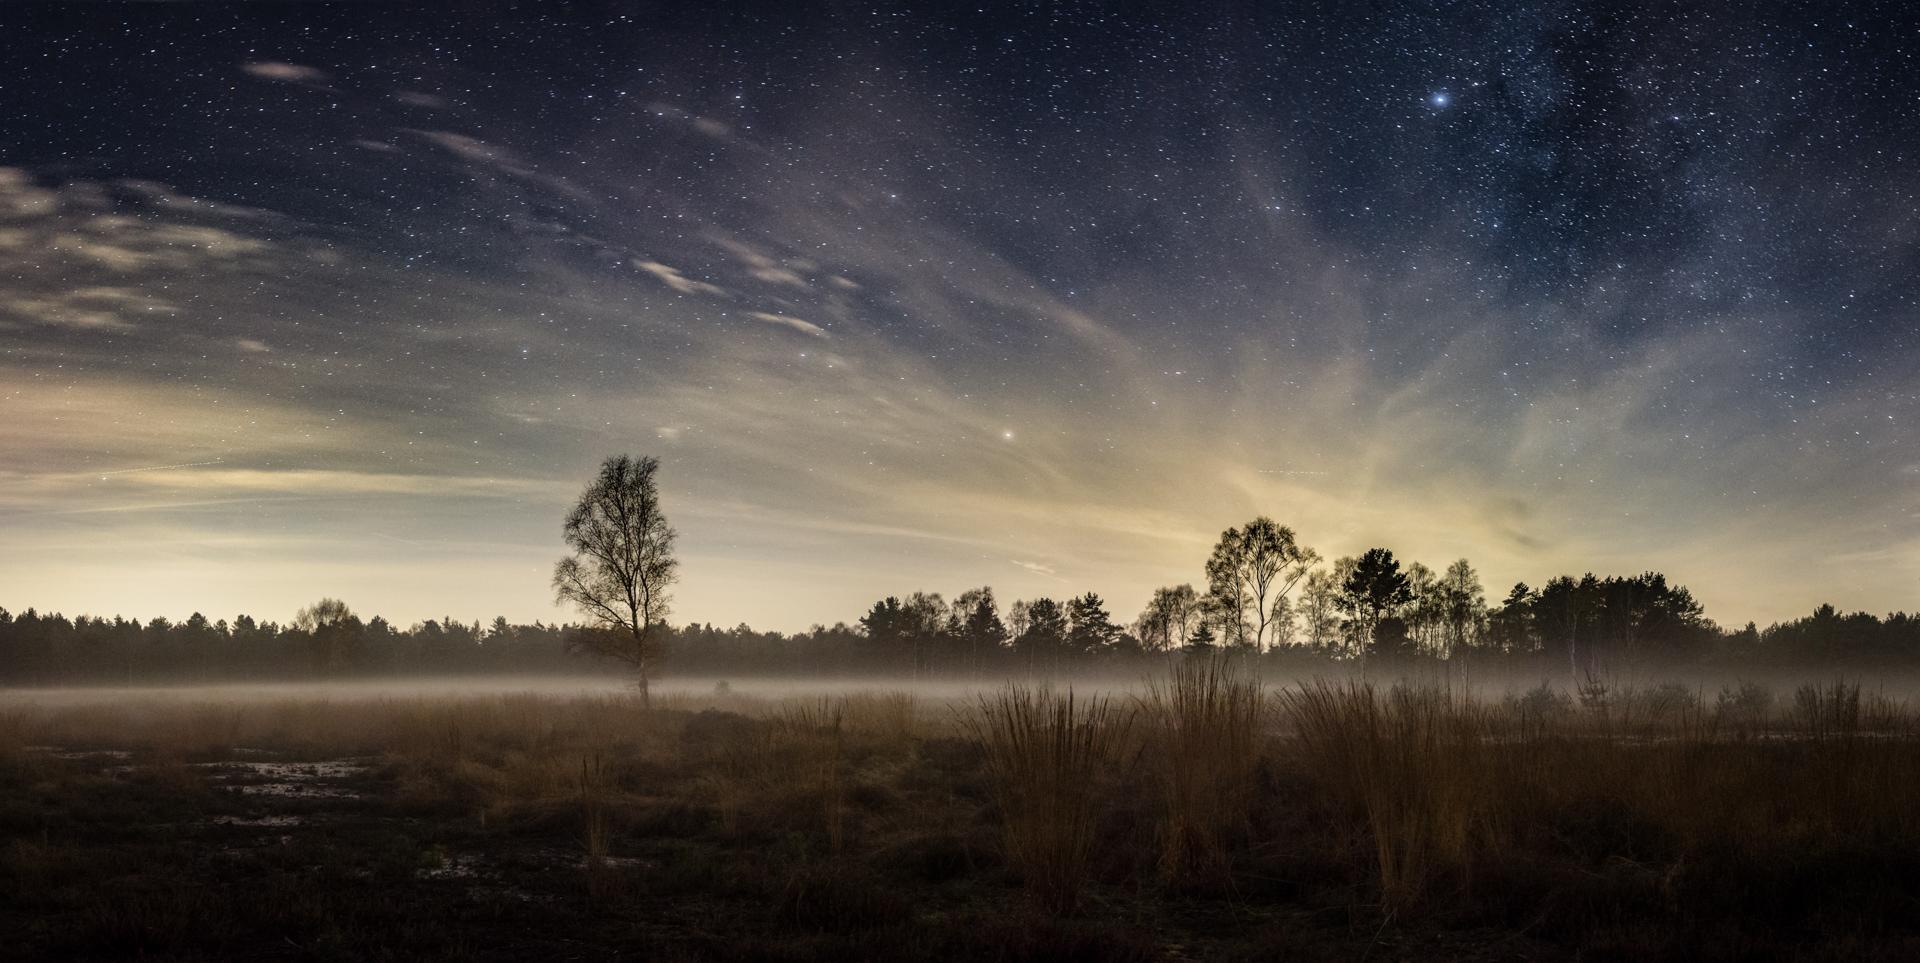 Der Kosmische Nebel